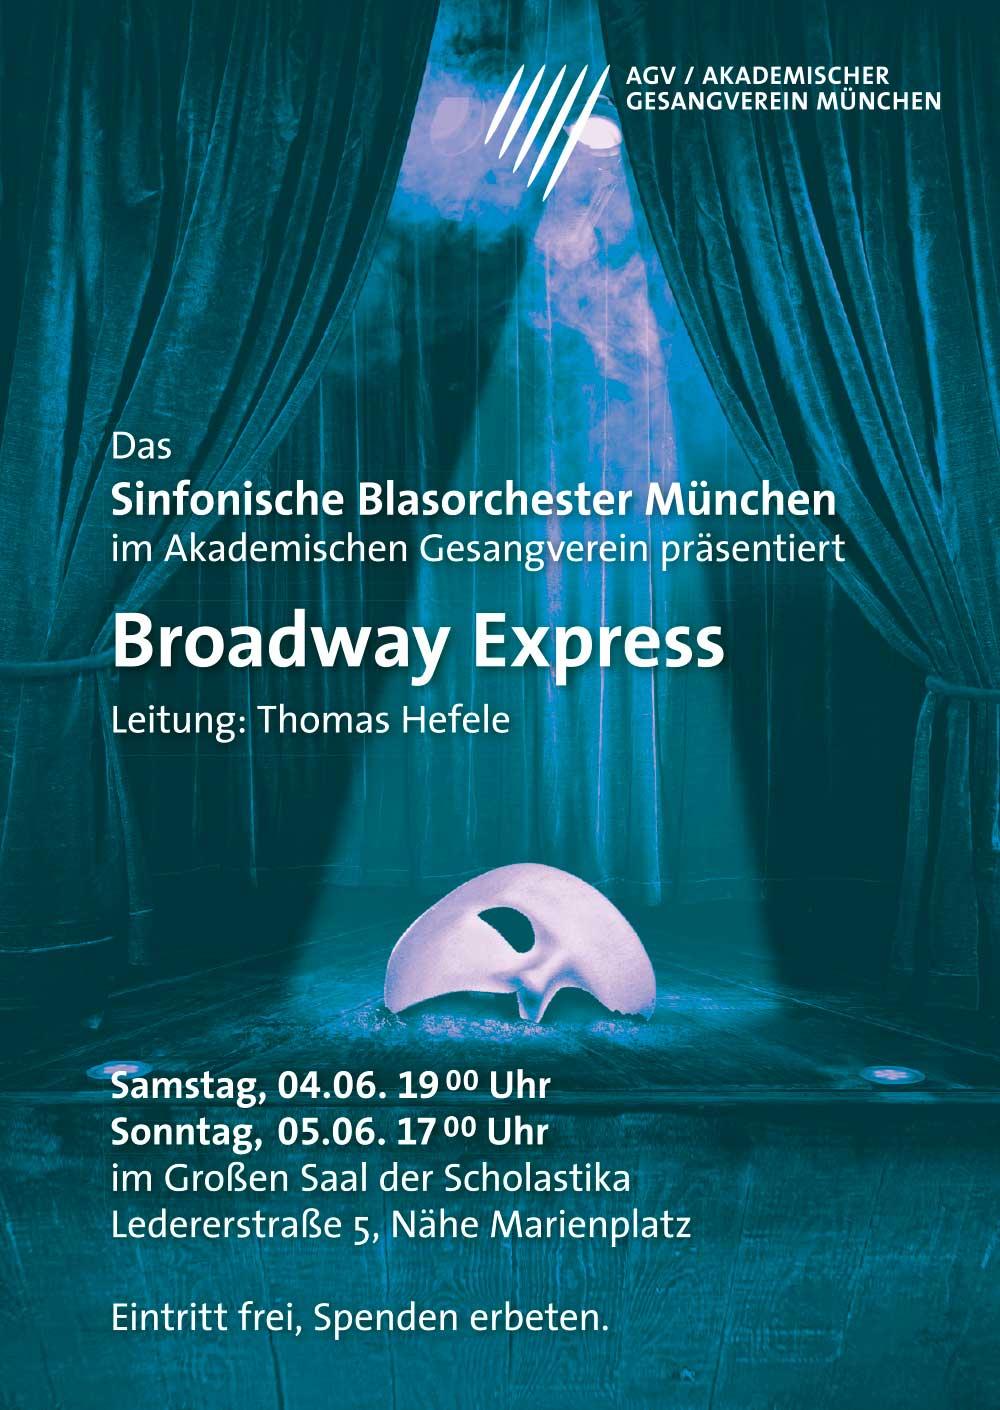 Akademischer Gesangsverein München Musical poster